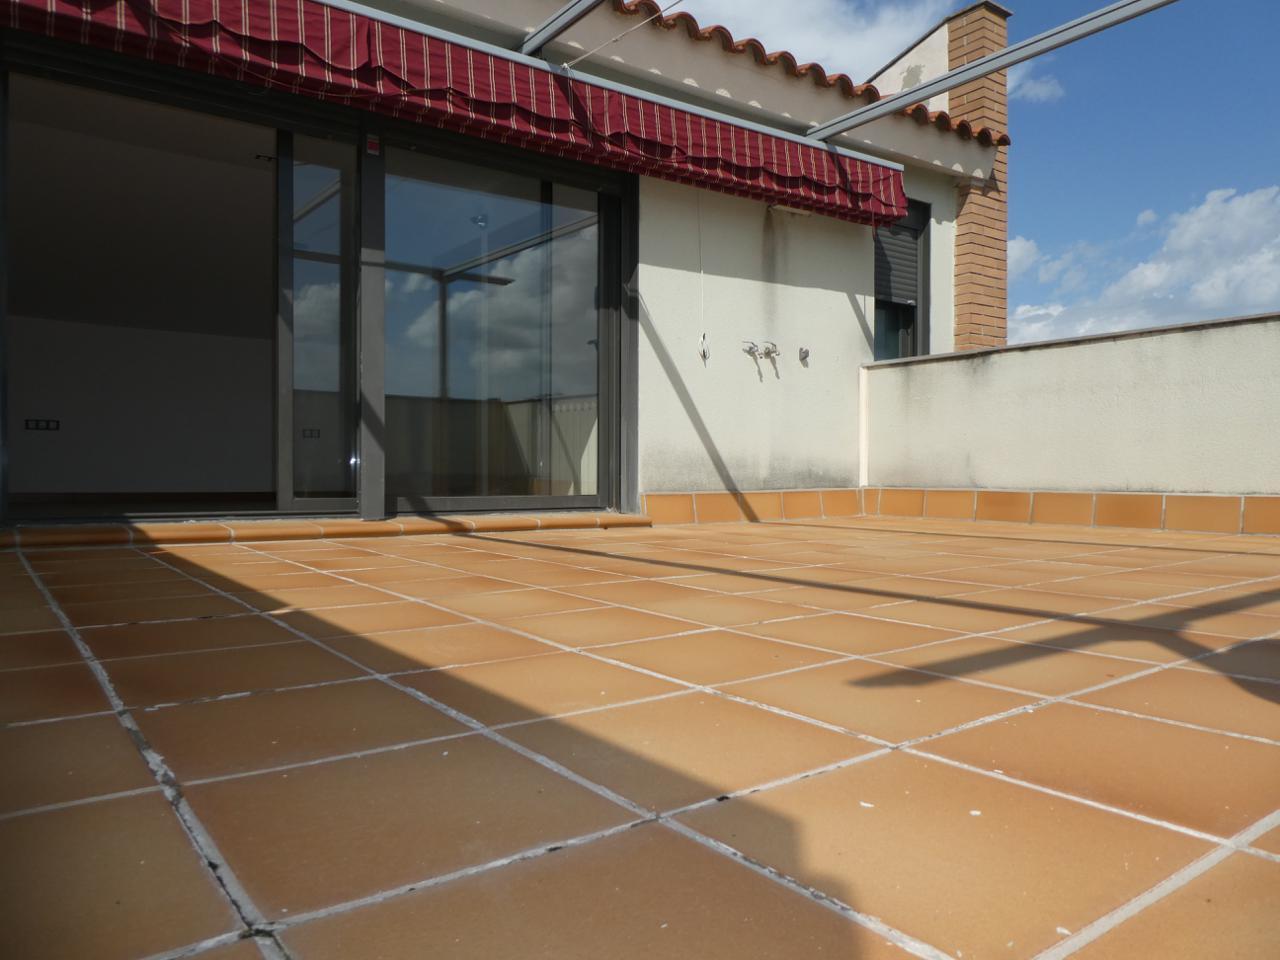 piso en montornes-del-valles · carrer-de-ca-l'espasell-08170 245000€